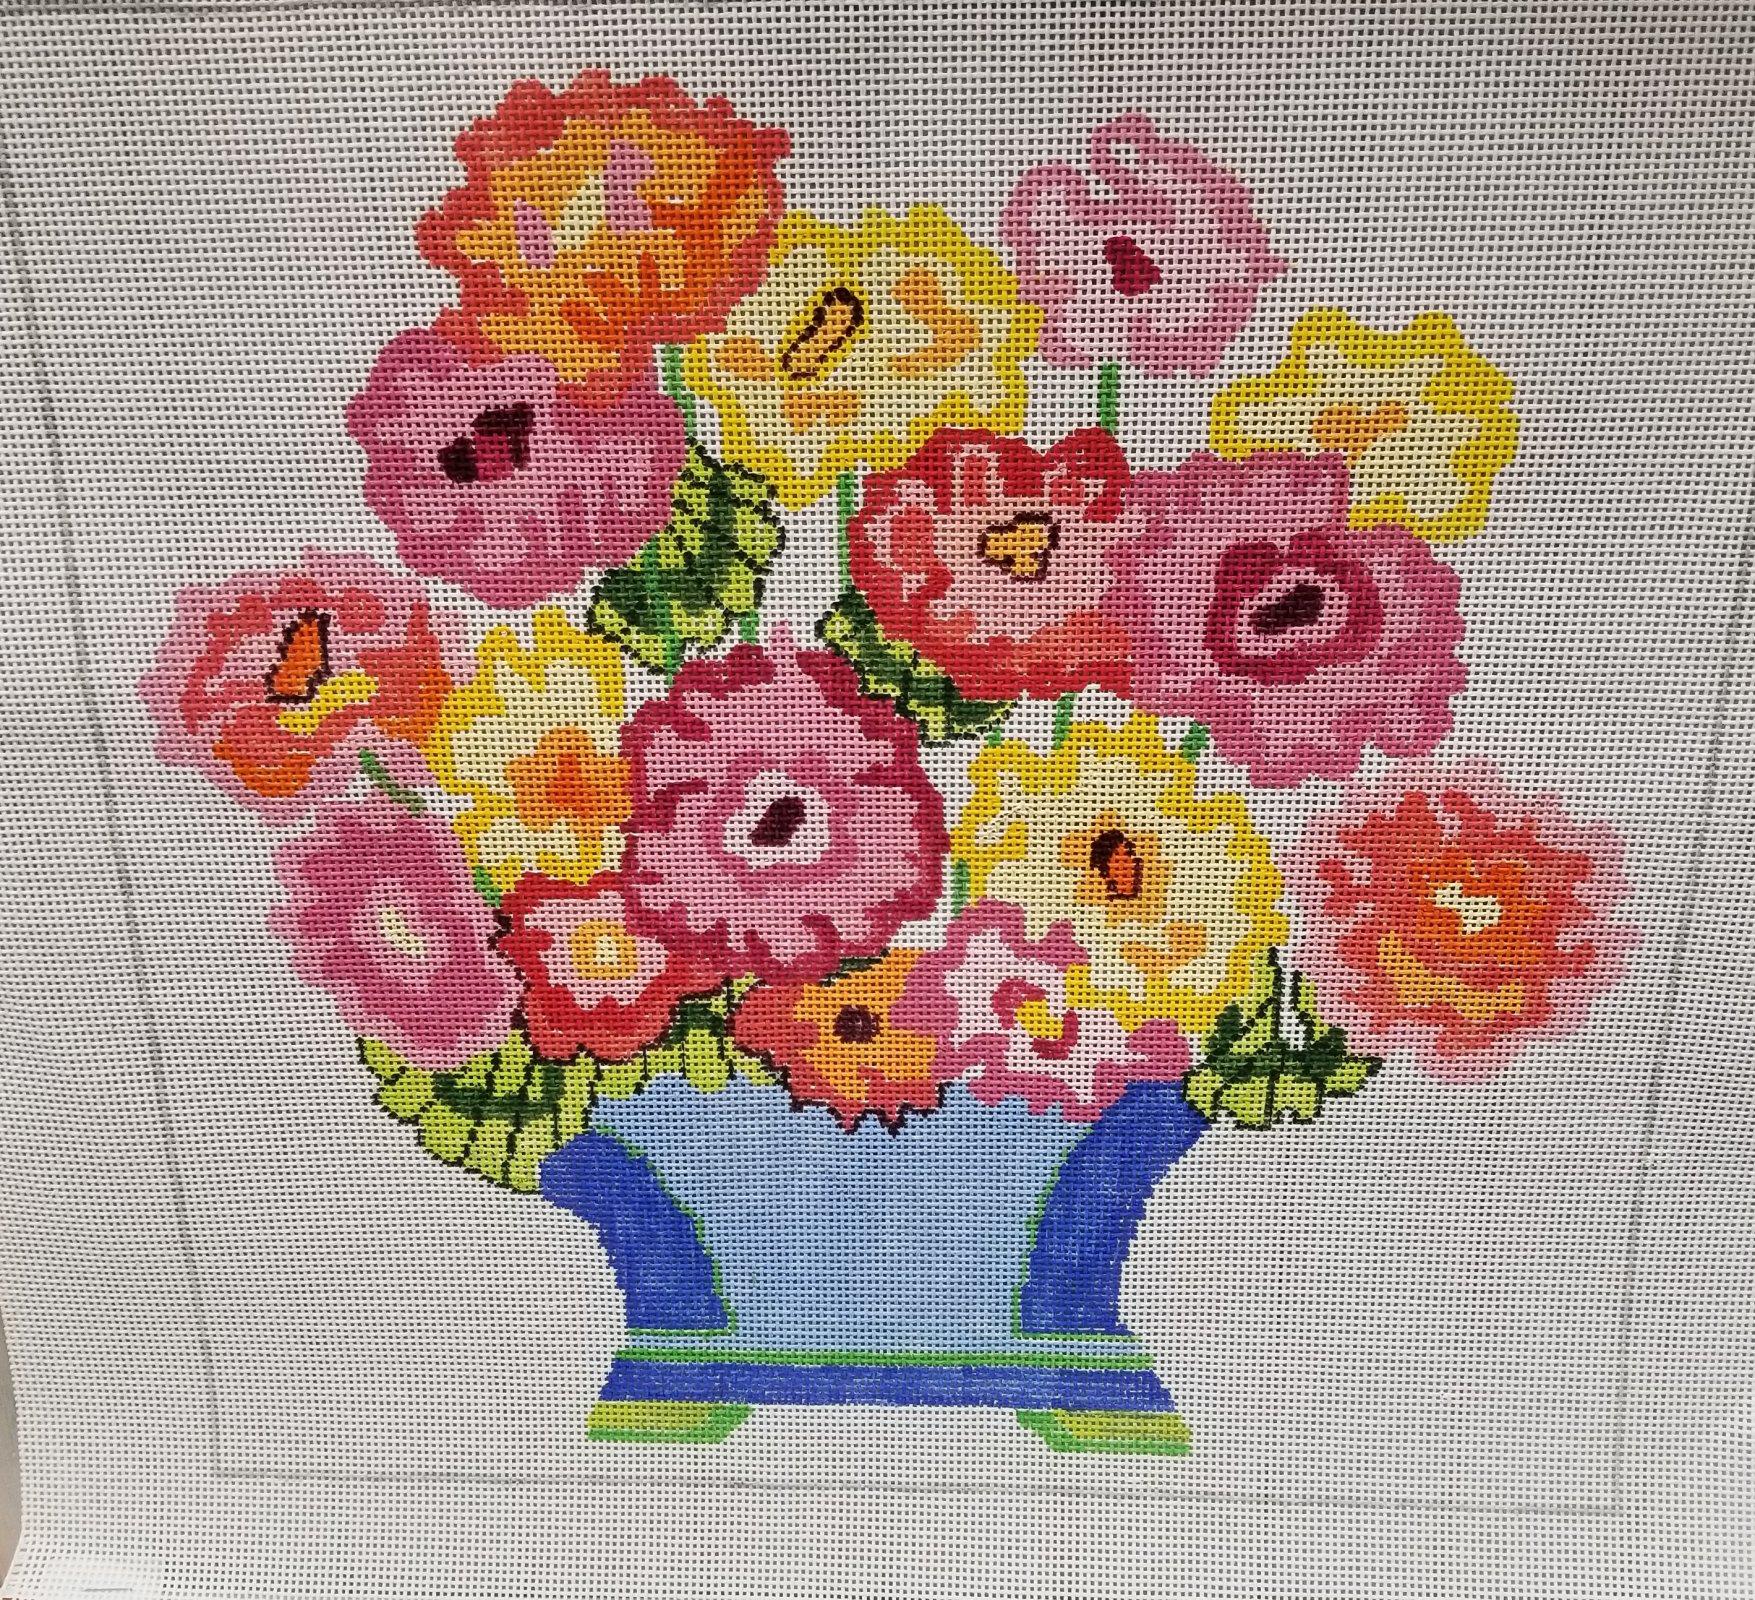 Sizzle Bouquet 3